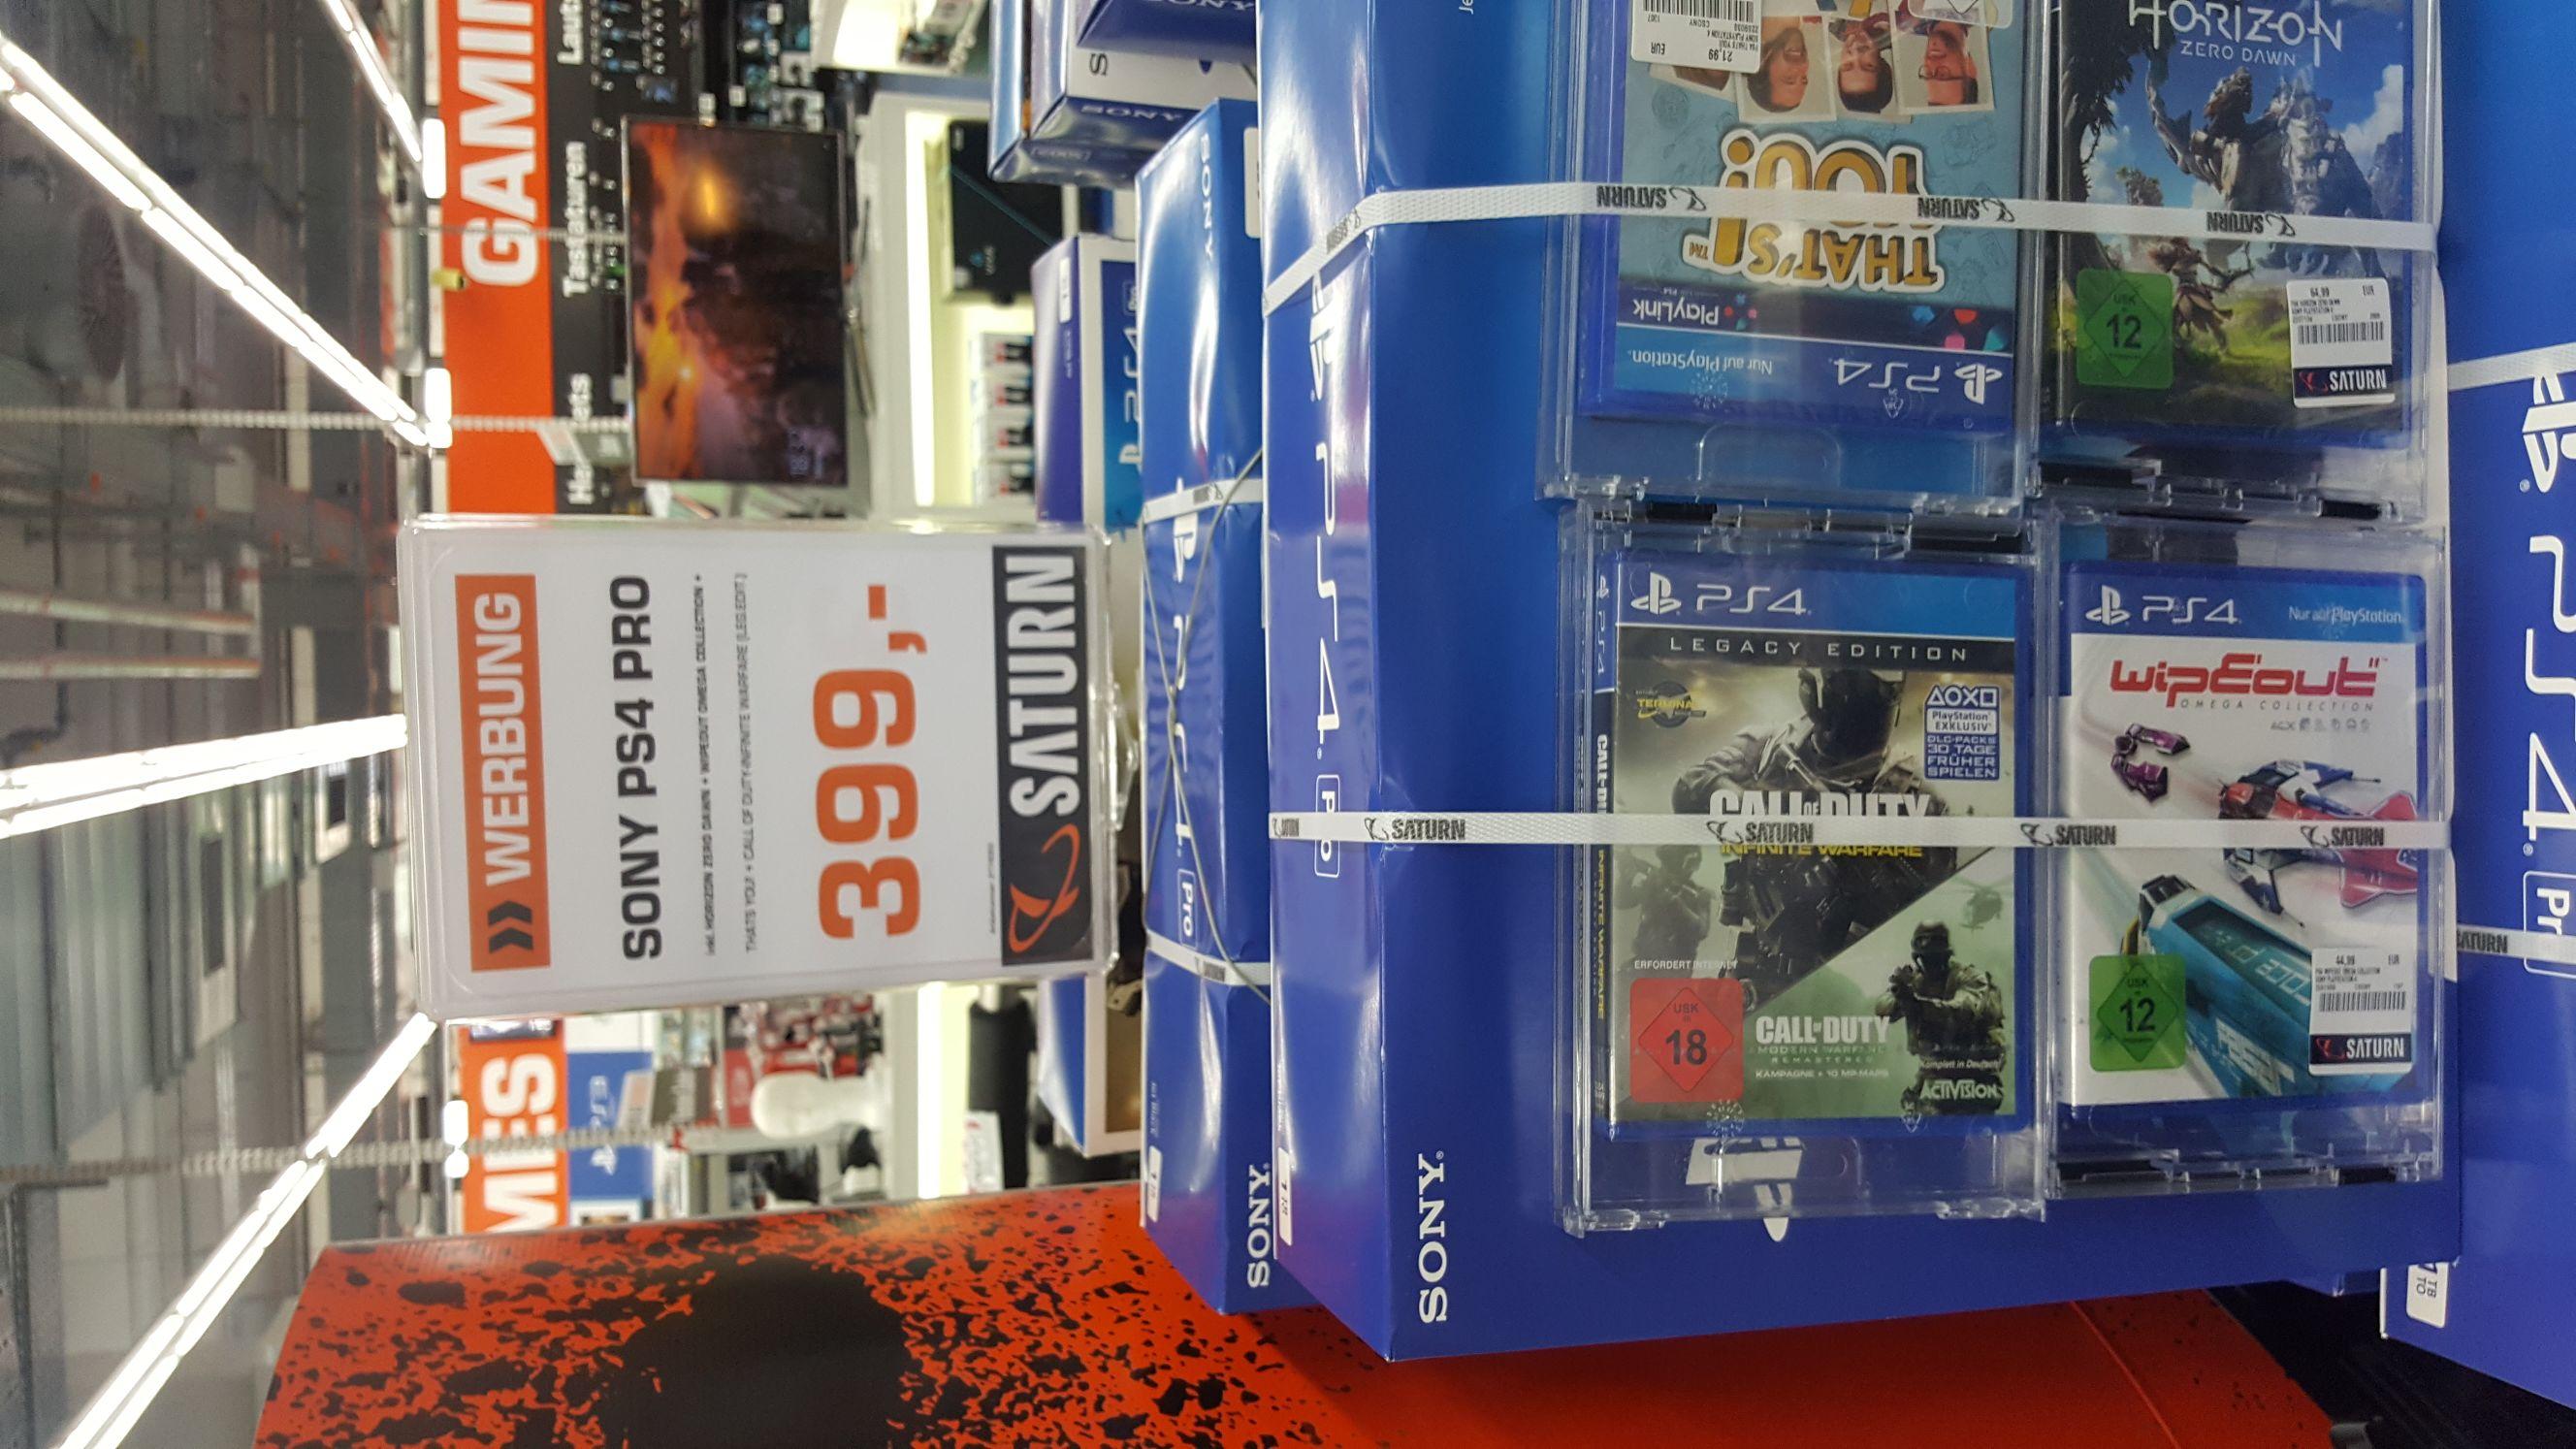 [LOKAL Berlin] PS4 Pro + 4 Spiele im Saturn Mall of Berlin